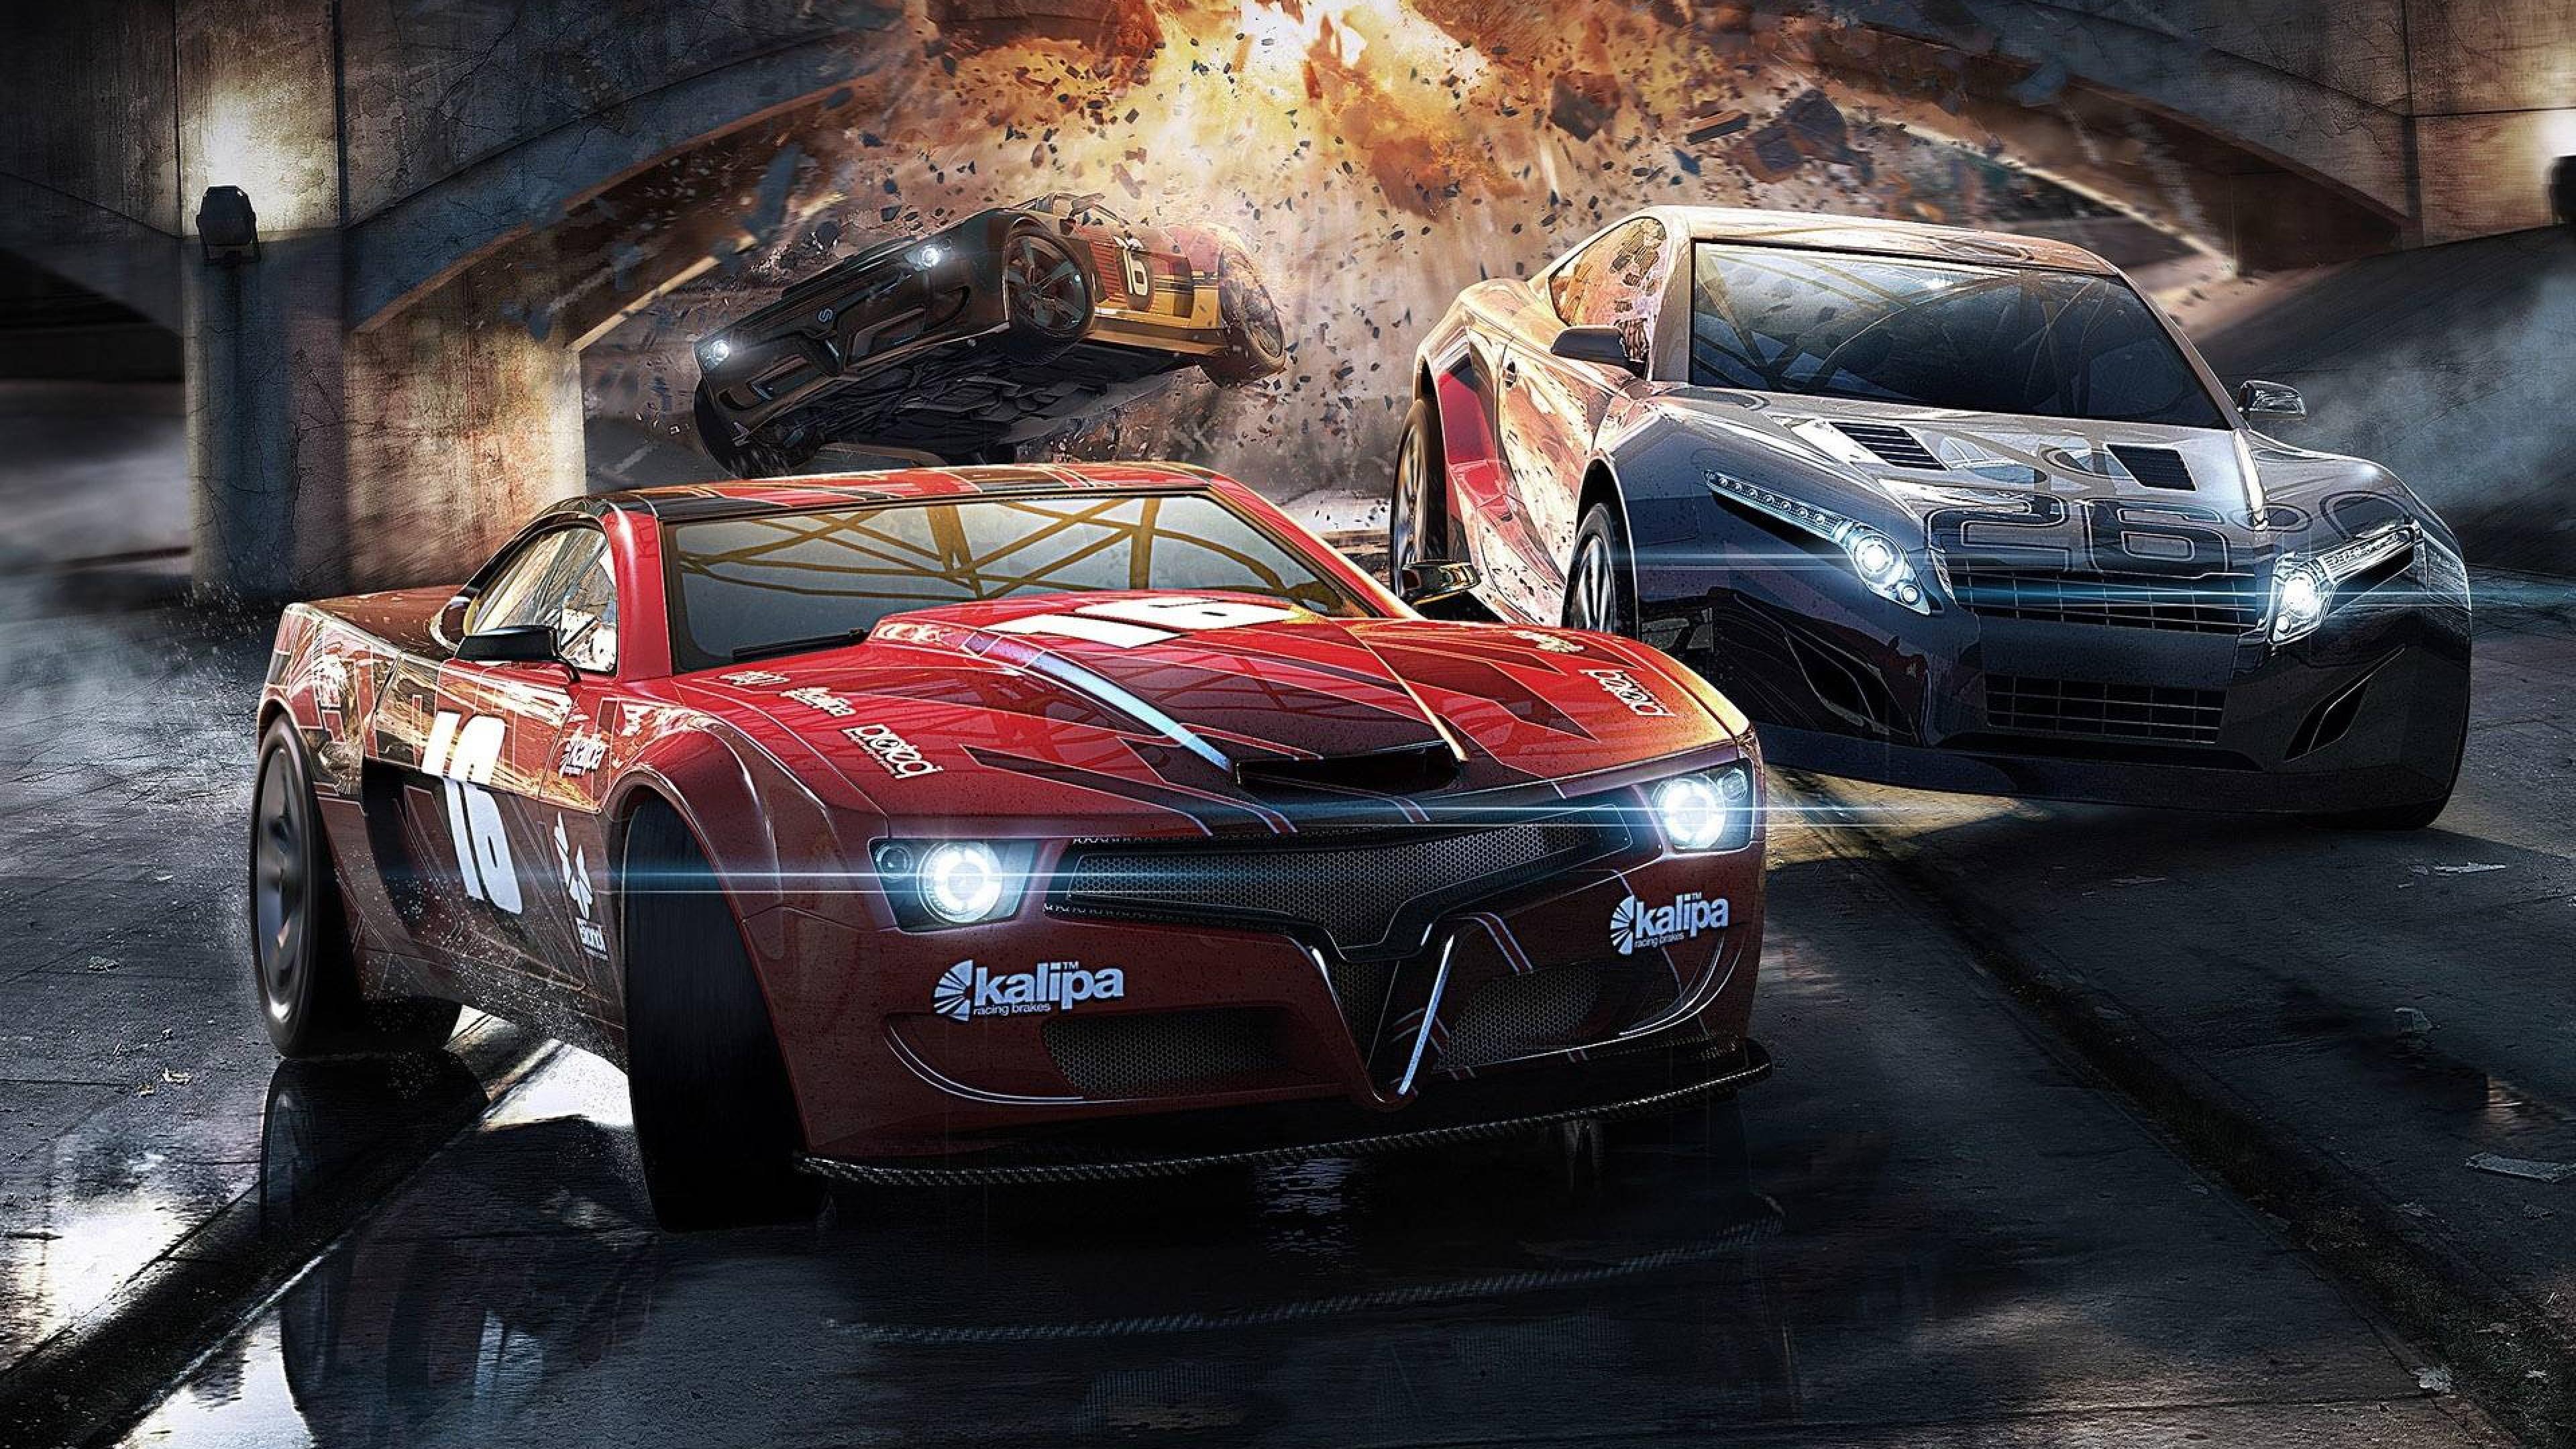 Need For Speed Hd Wallpaper 4k Ultra Hd Hd Wallpaper